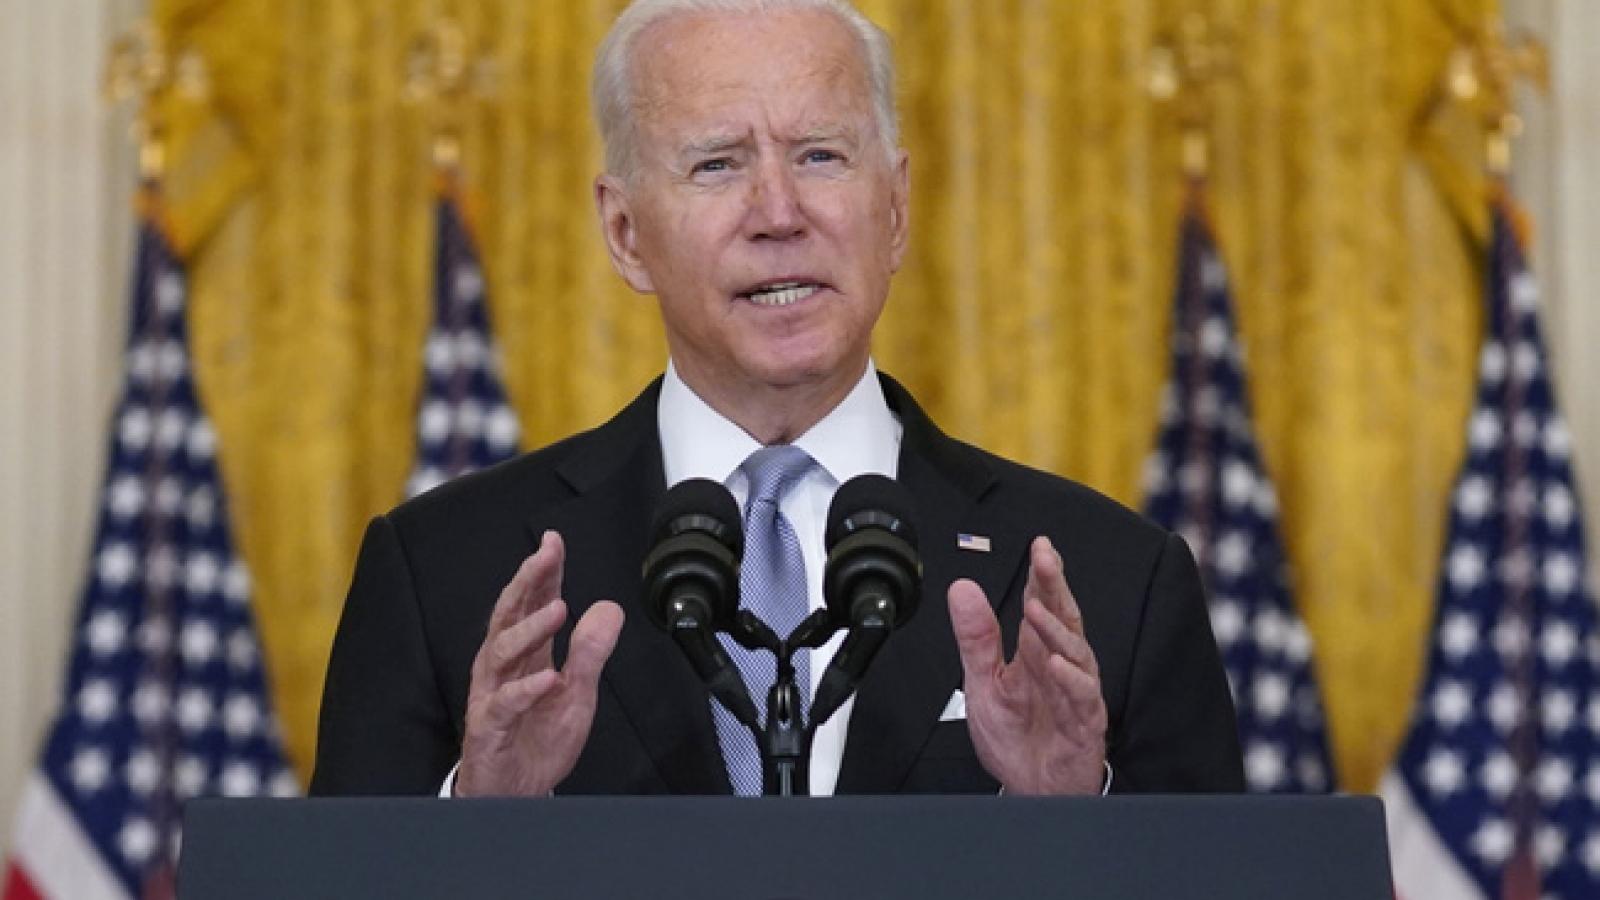 Tổng thống Joe Biden tuyên bố không kéo dài thời hạn rút quân đội Mỹ khỏi Afghanistan